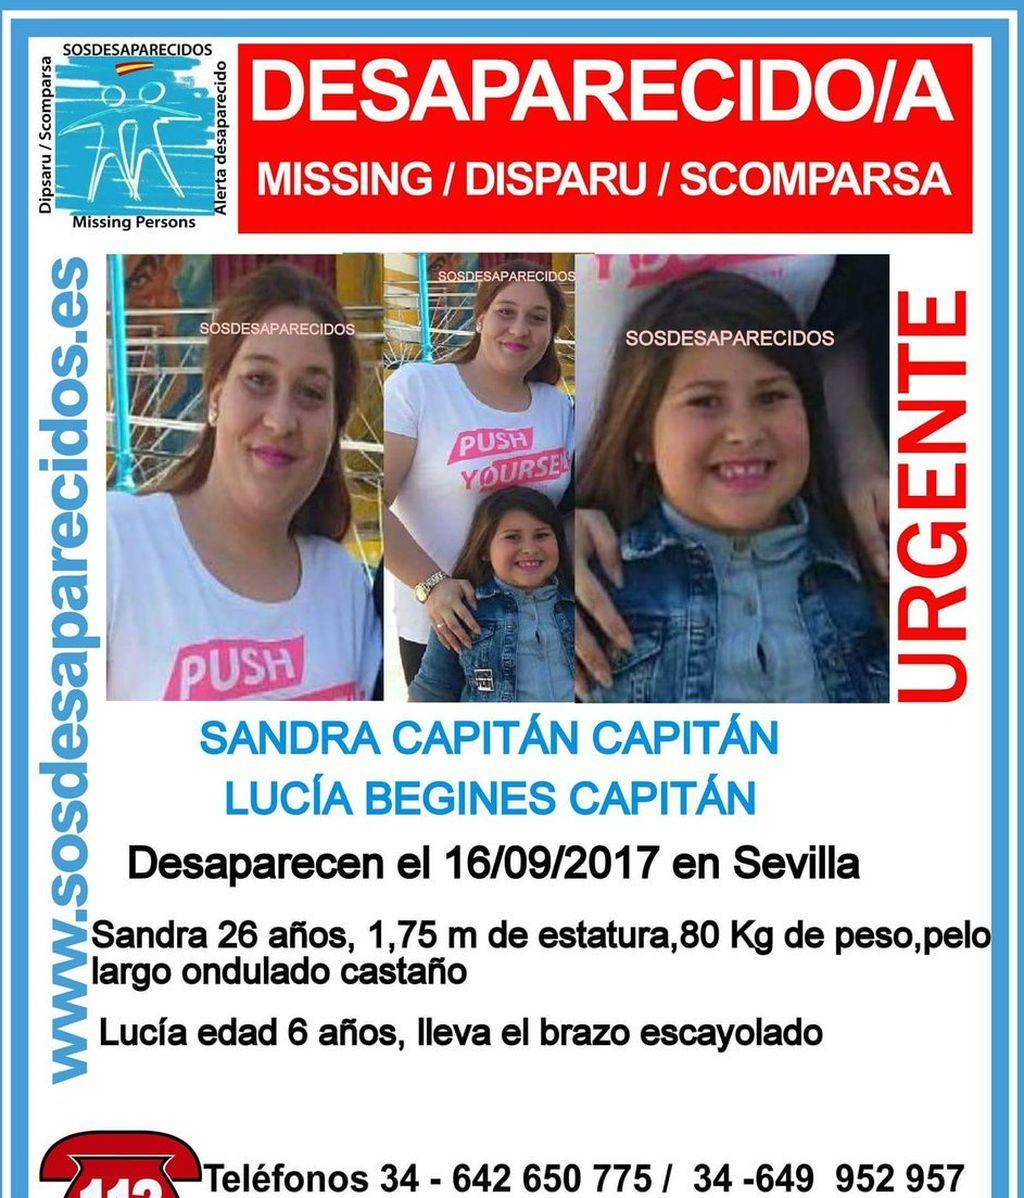 Denuncian en Sevilla la desaparición de una joven de 26 años y su hija menor de edad